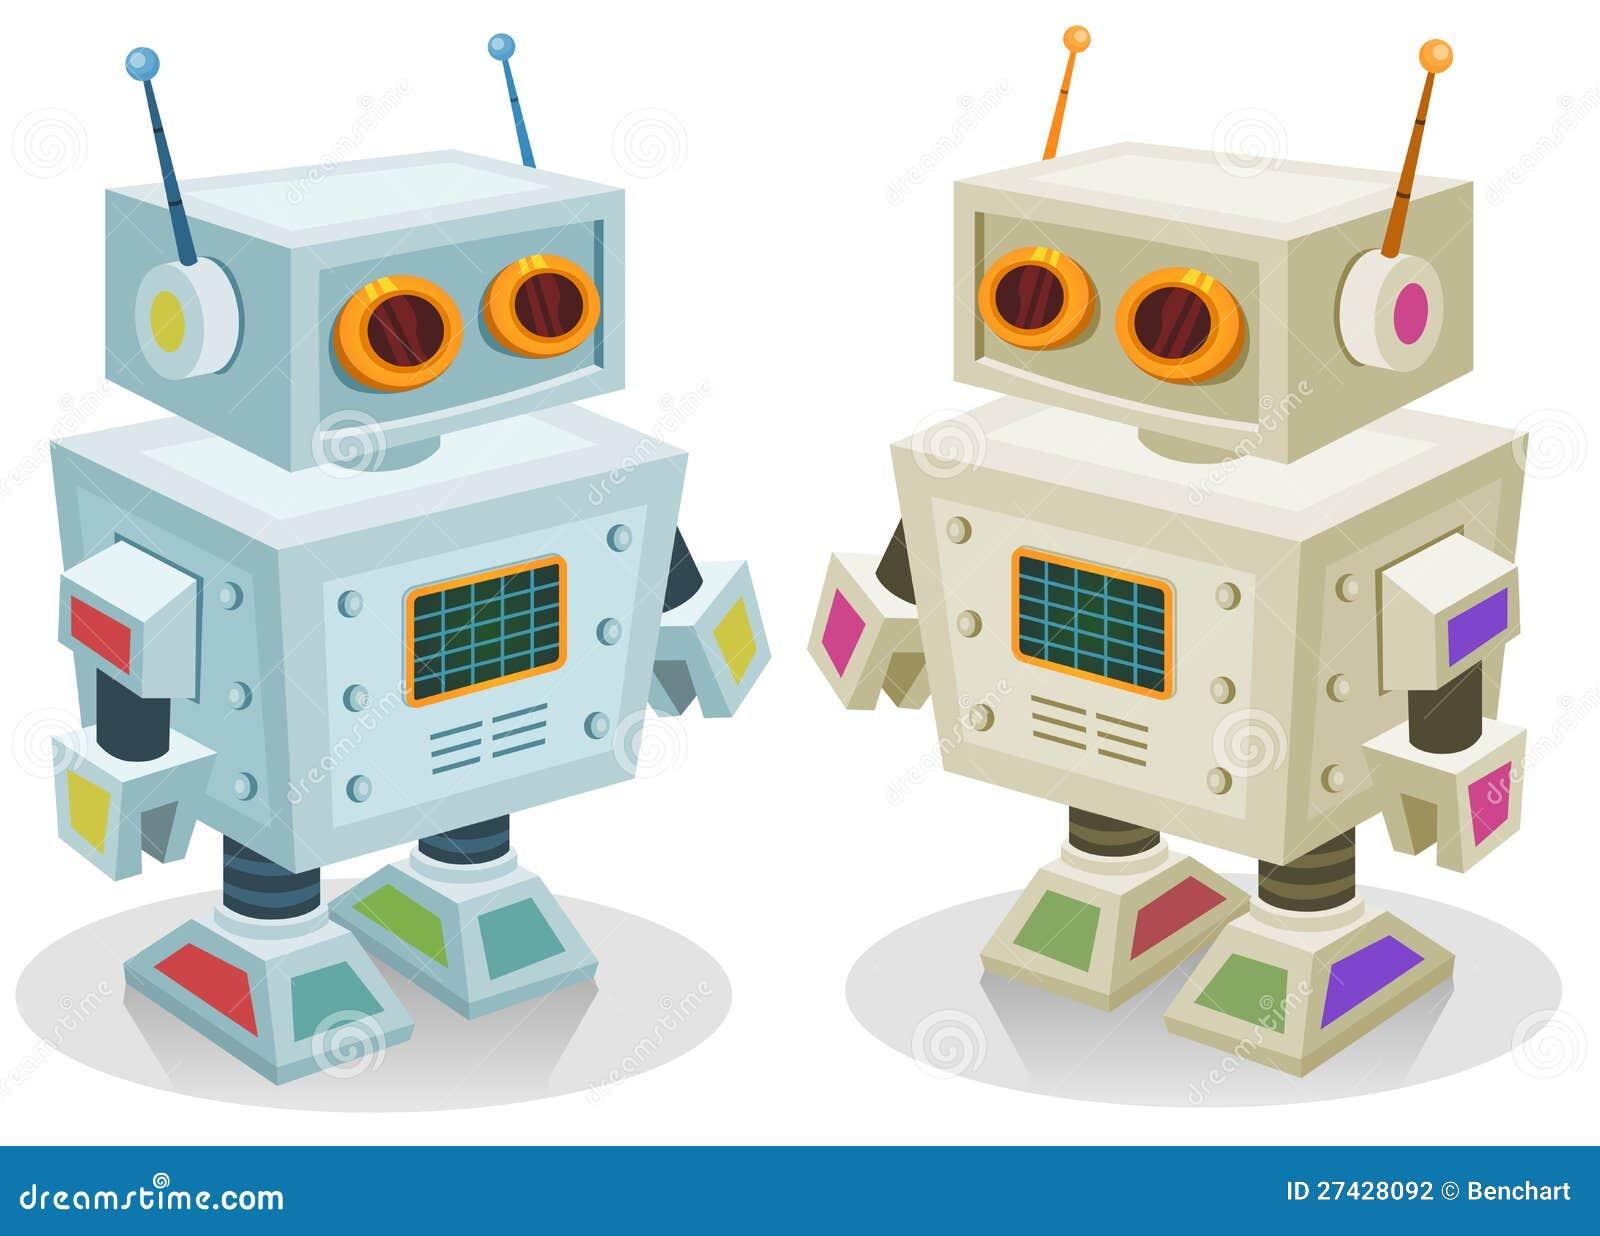 Roboter spielzeug für kinder stockfotografie bild